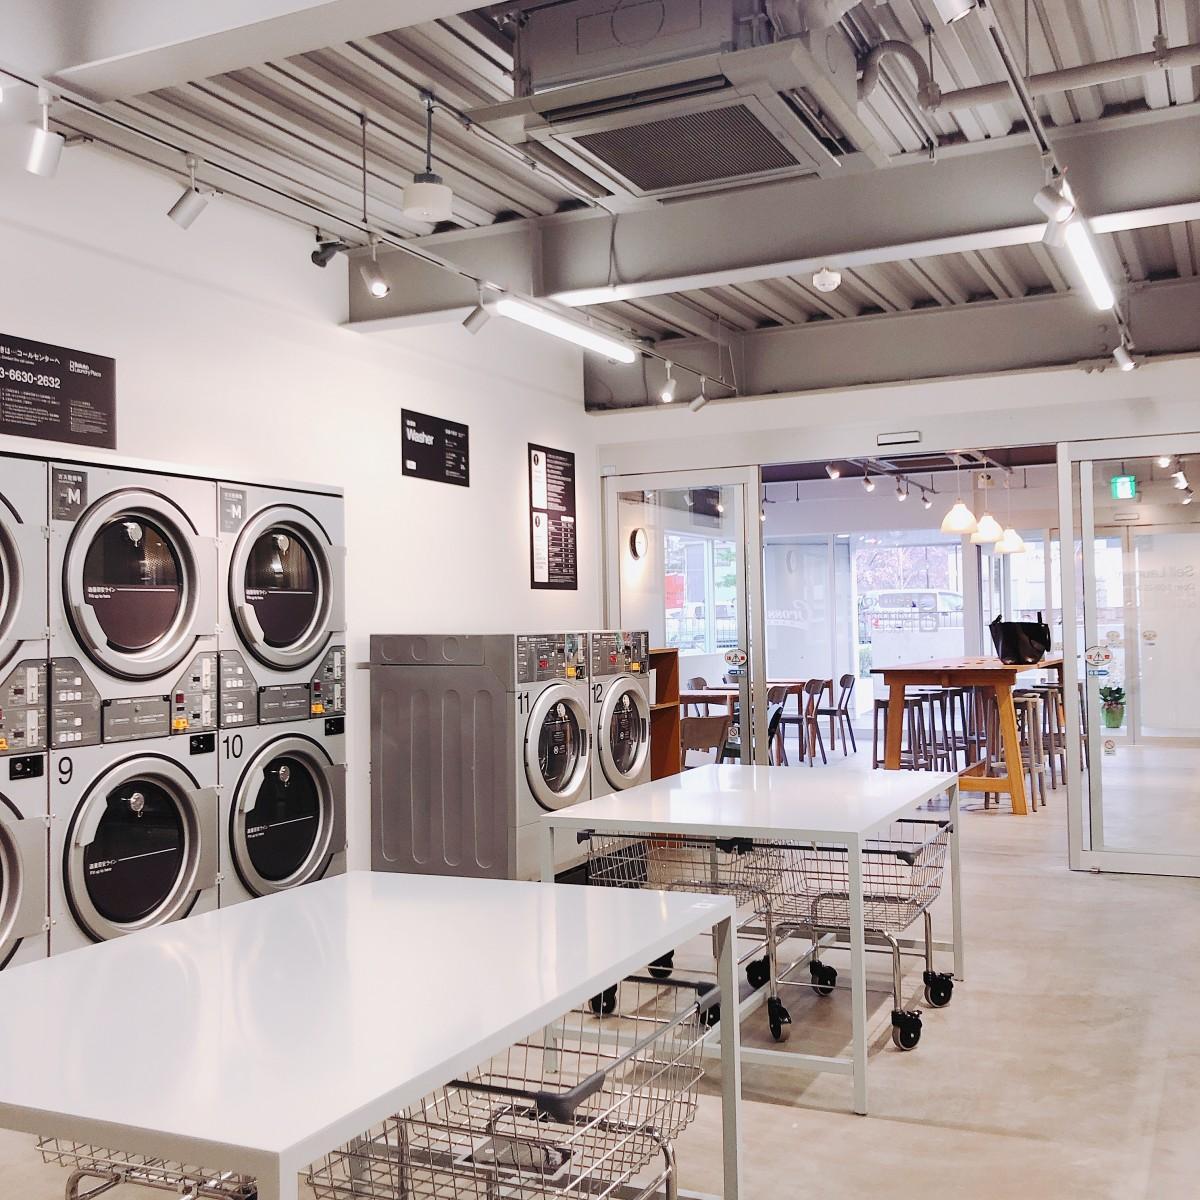 「Baluko Laundry Place 小金井」ランドリーエリア